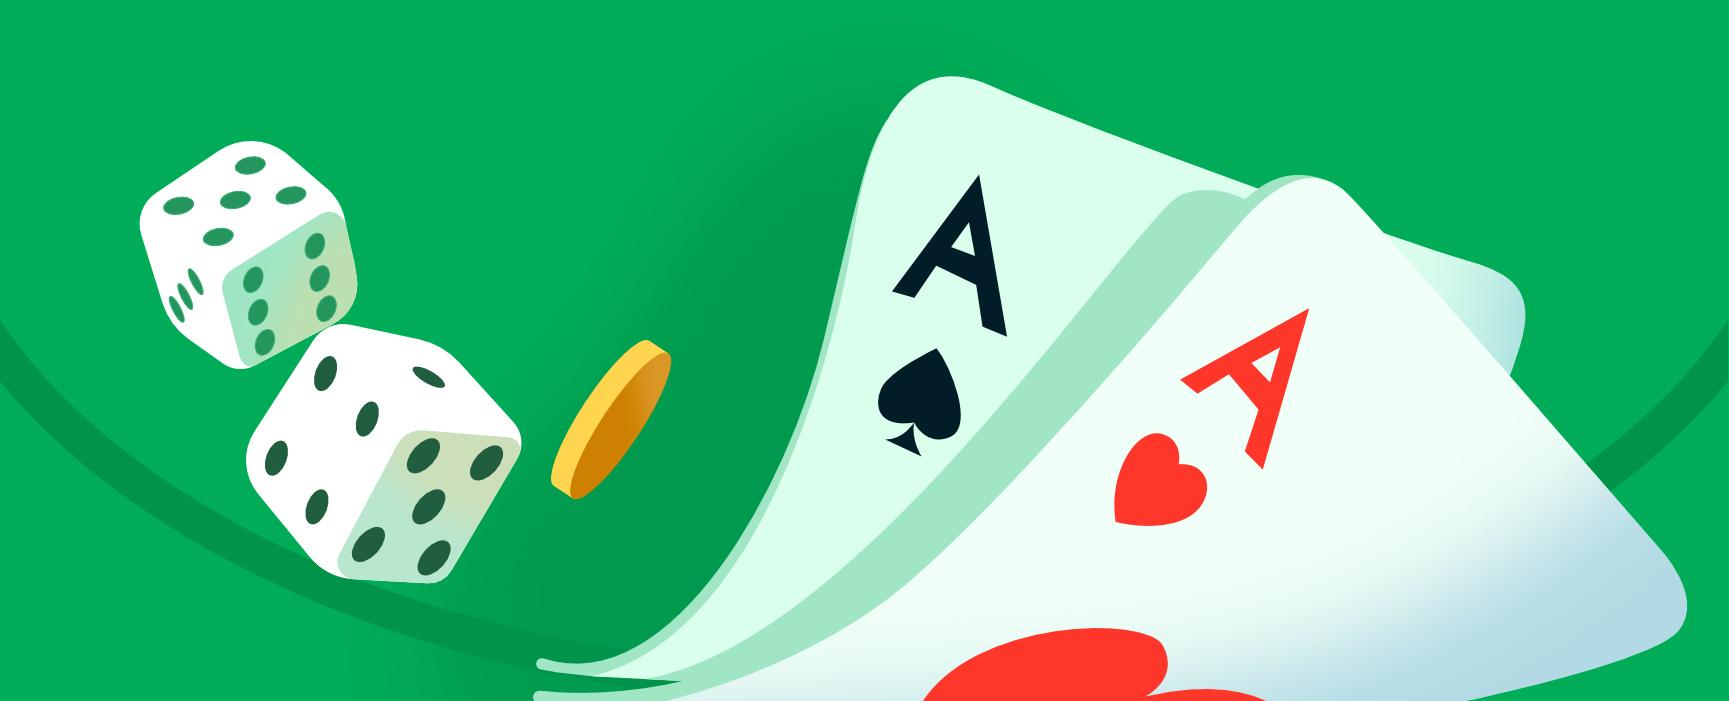 online casino mit startguthaben ohne einzahlung